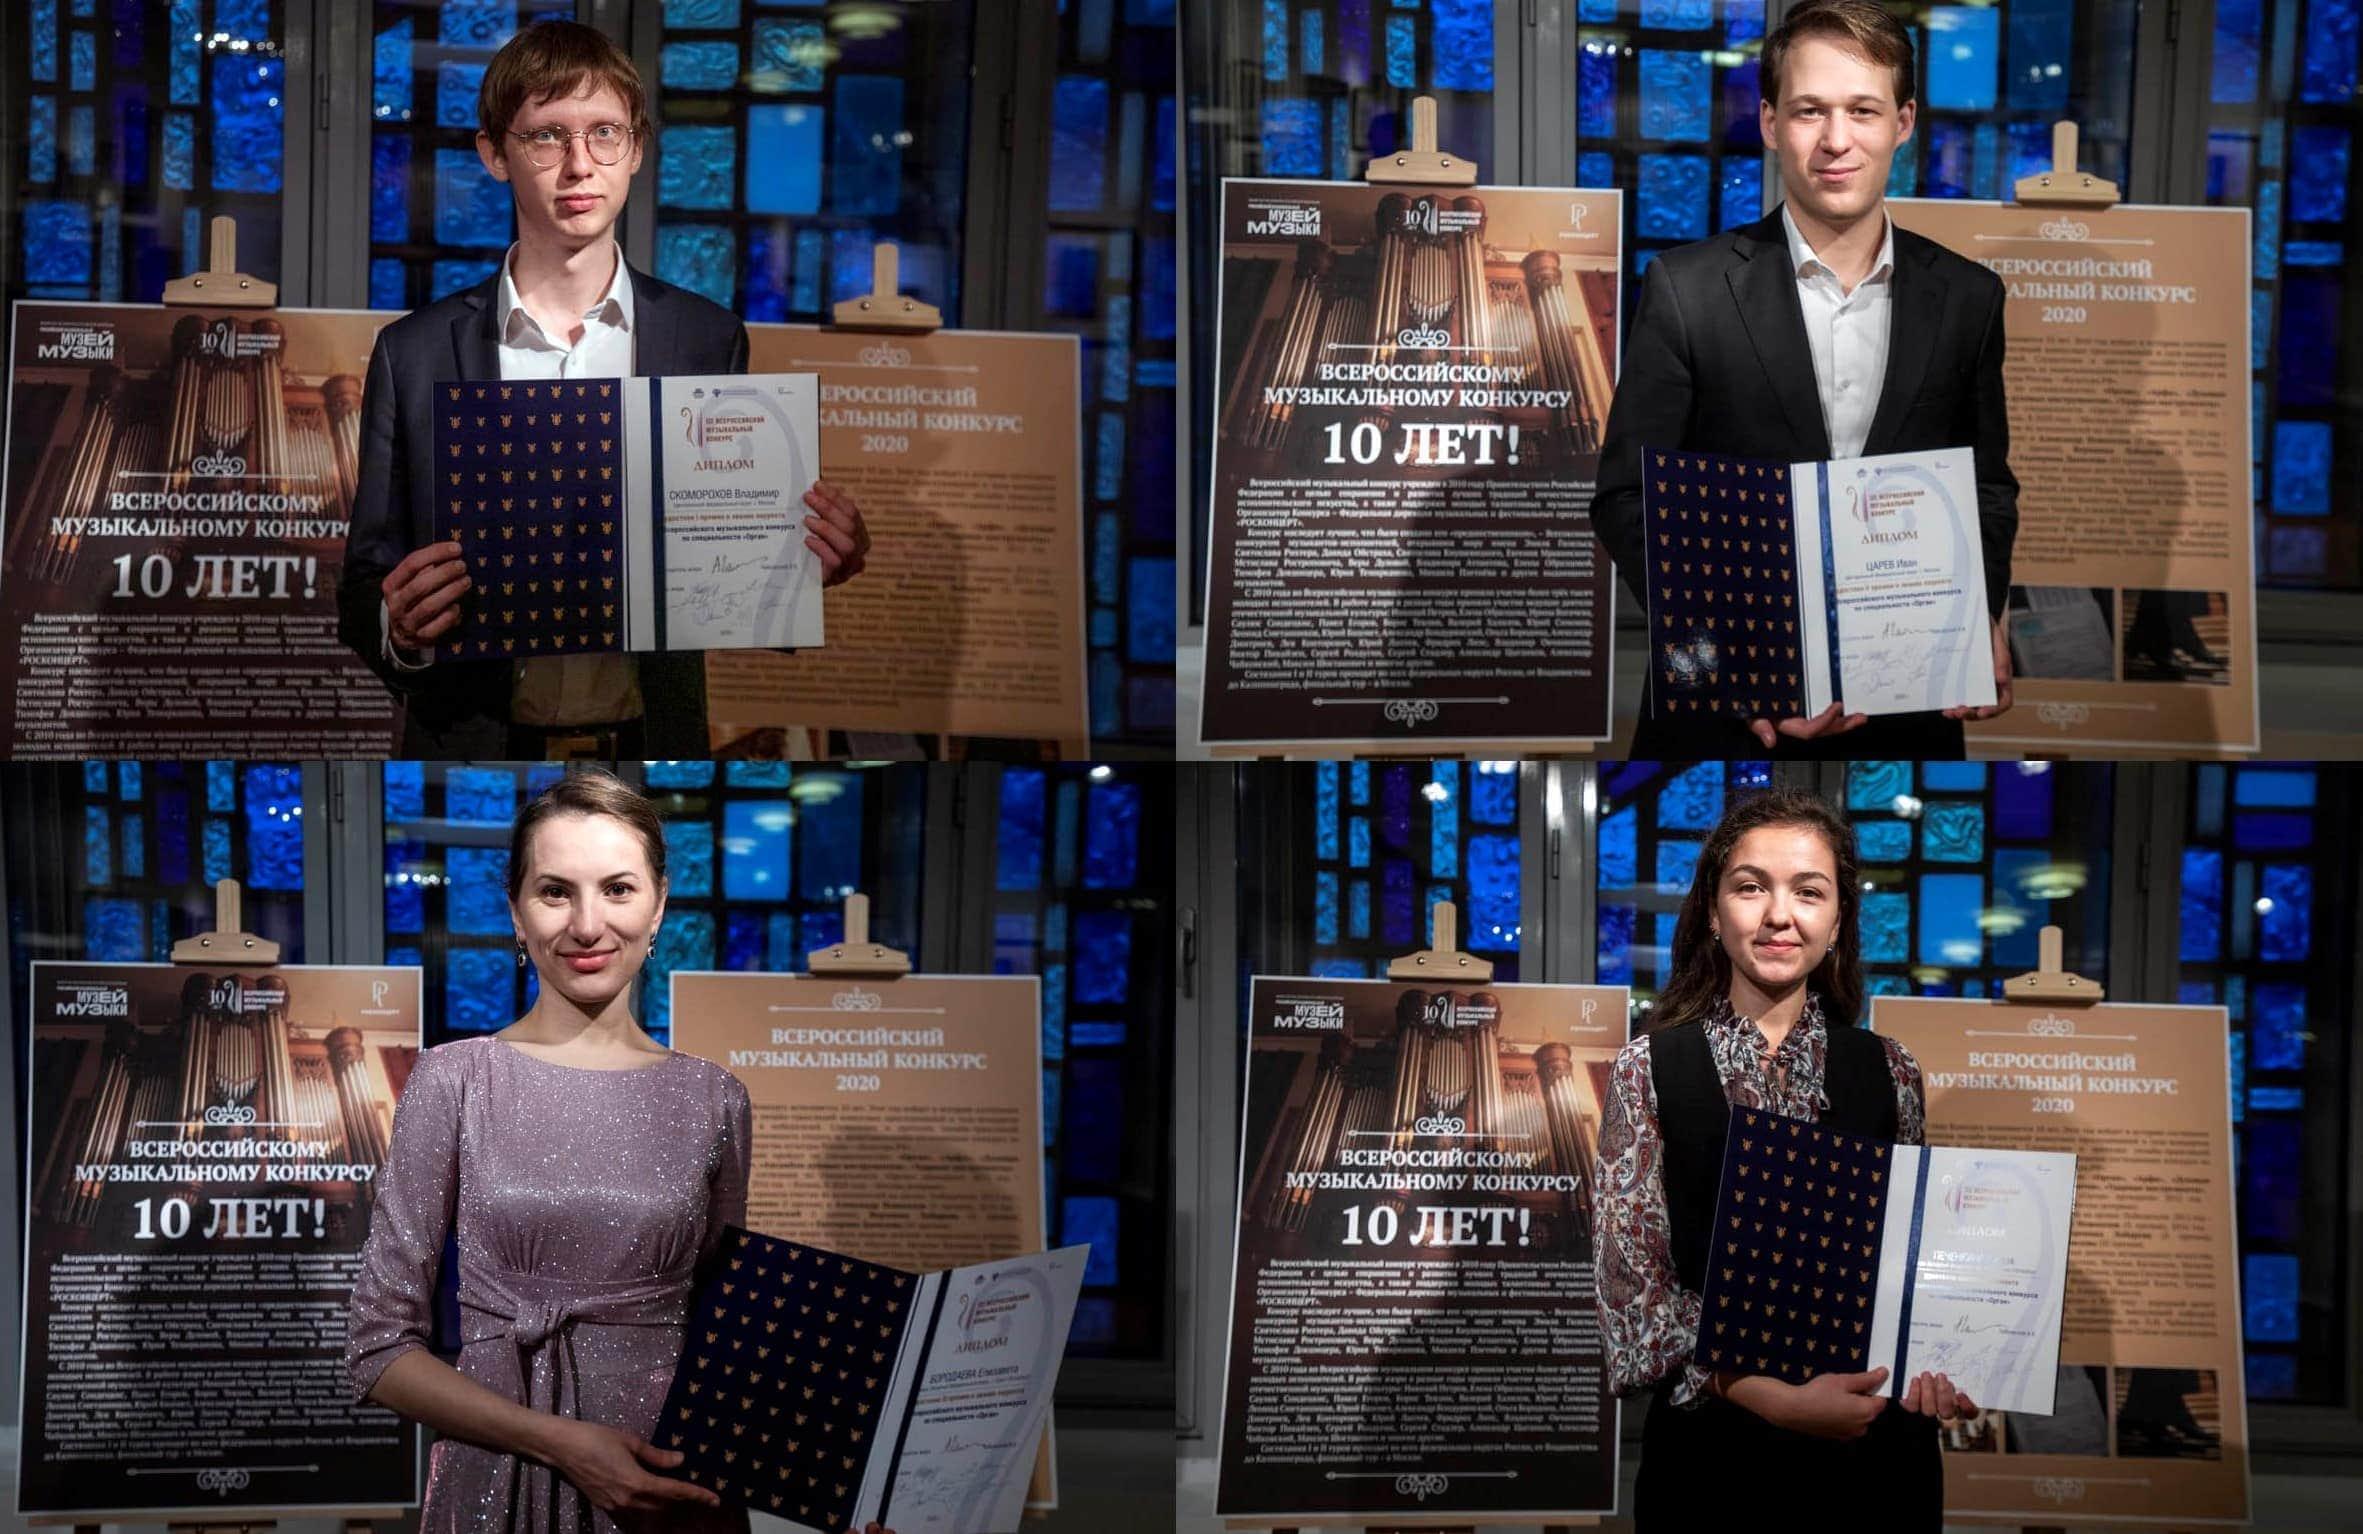 Имена лучших органистов страны назвали на Всероссийском музыкальном конкурсе